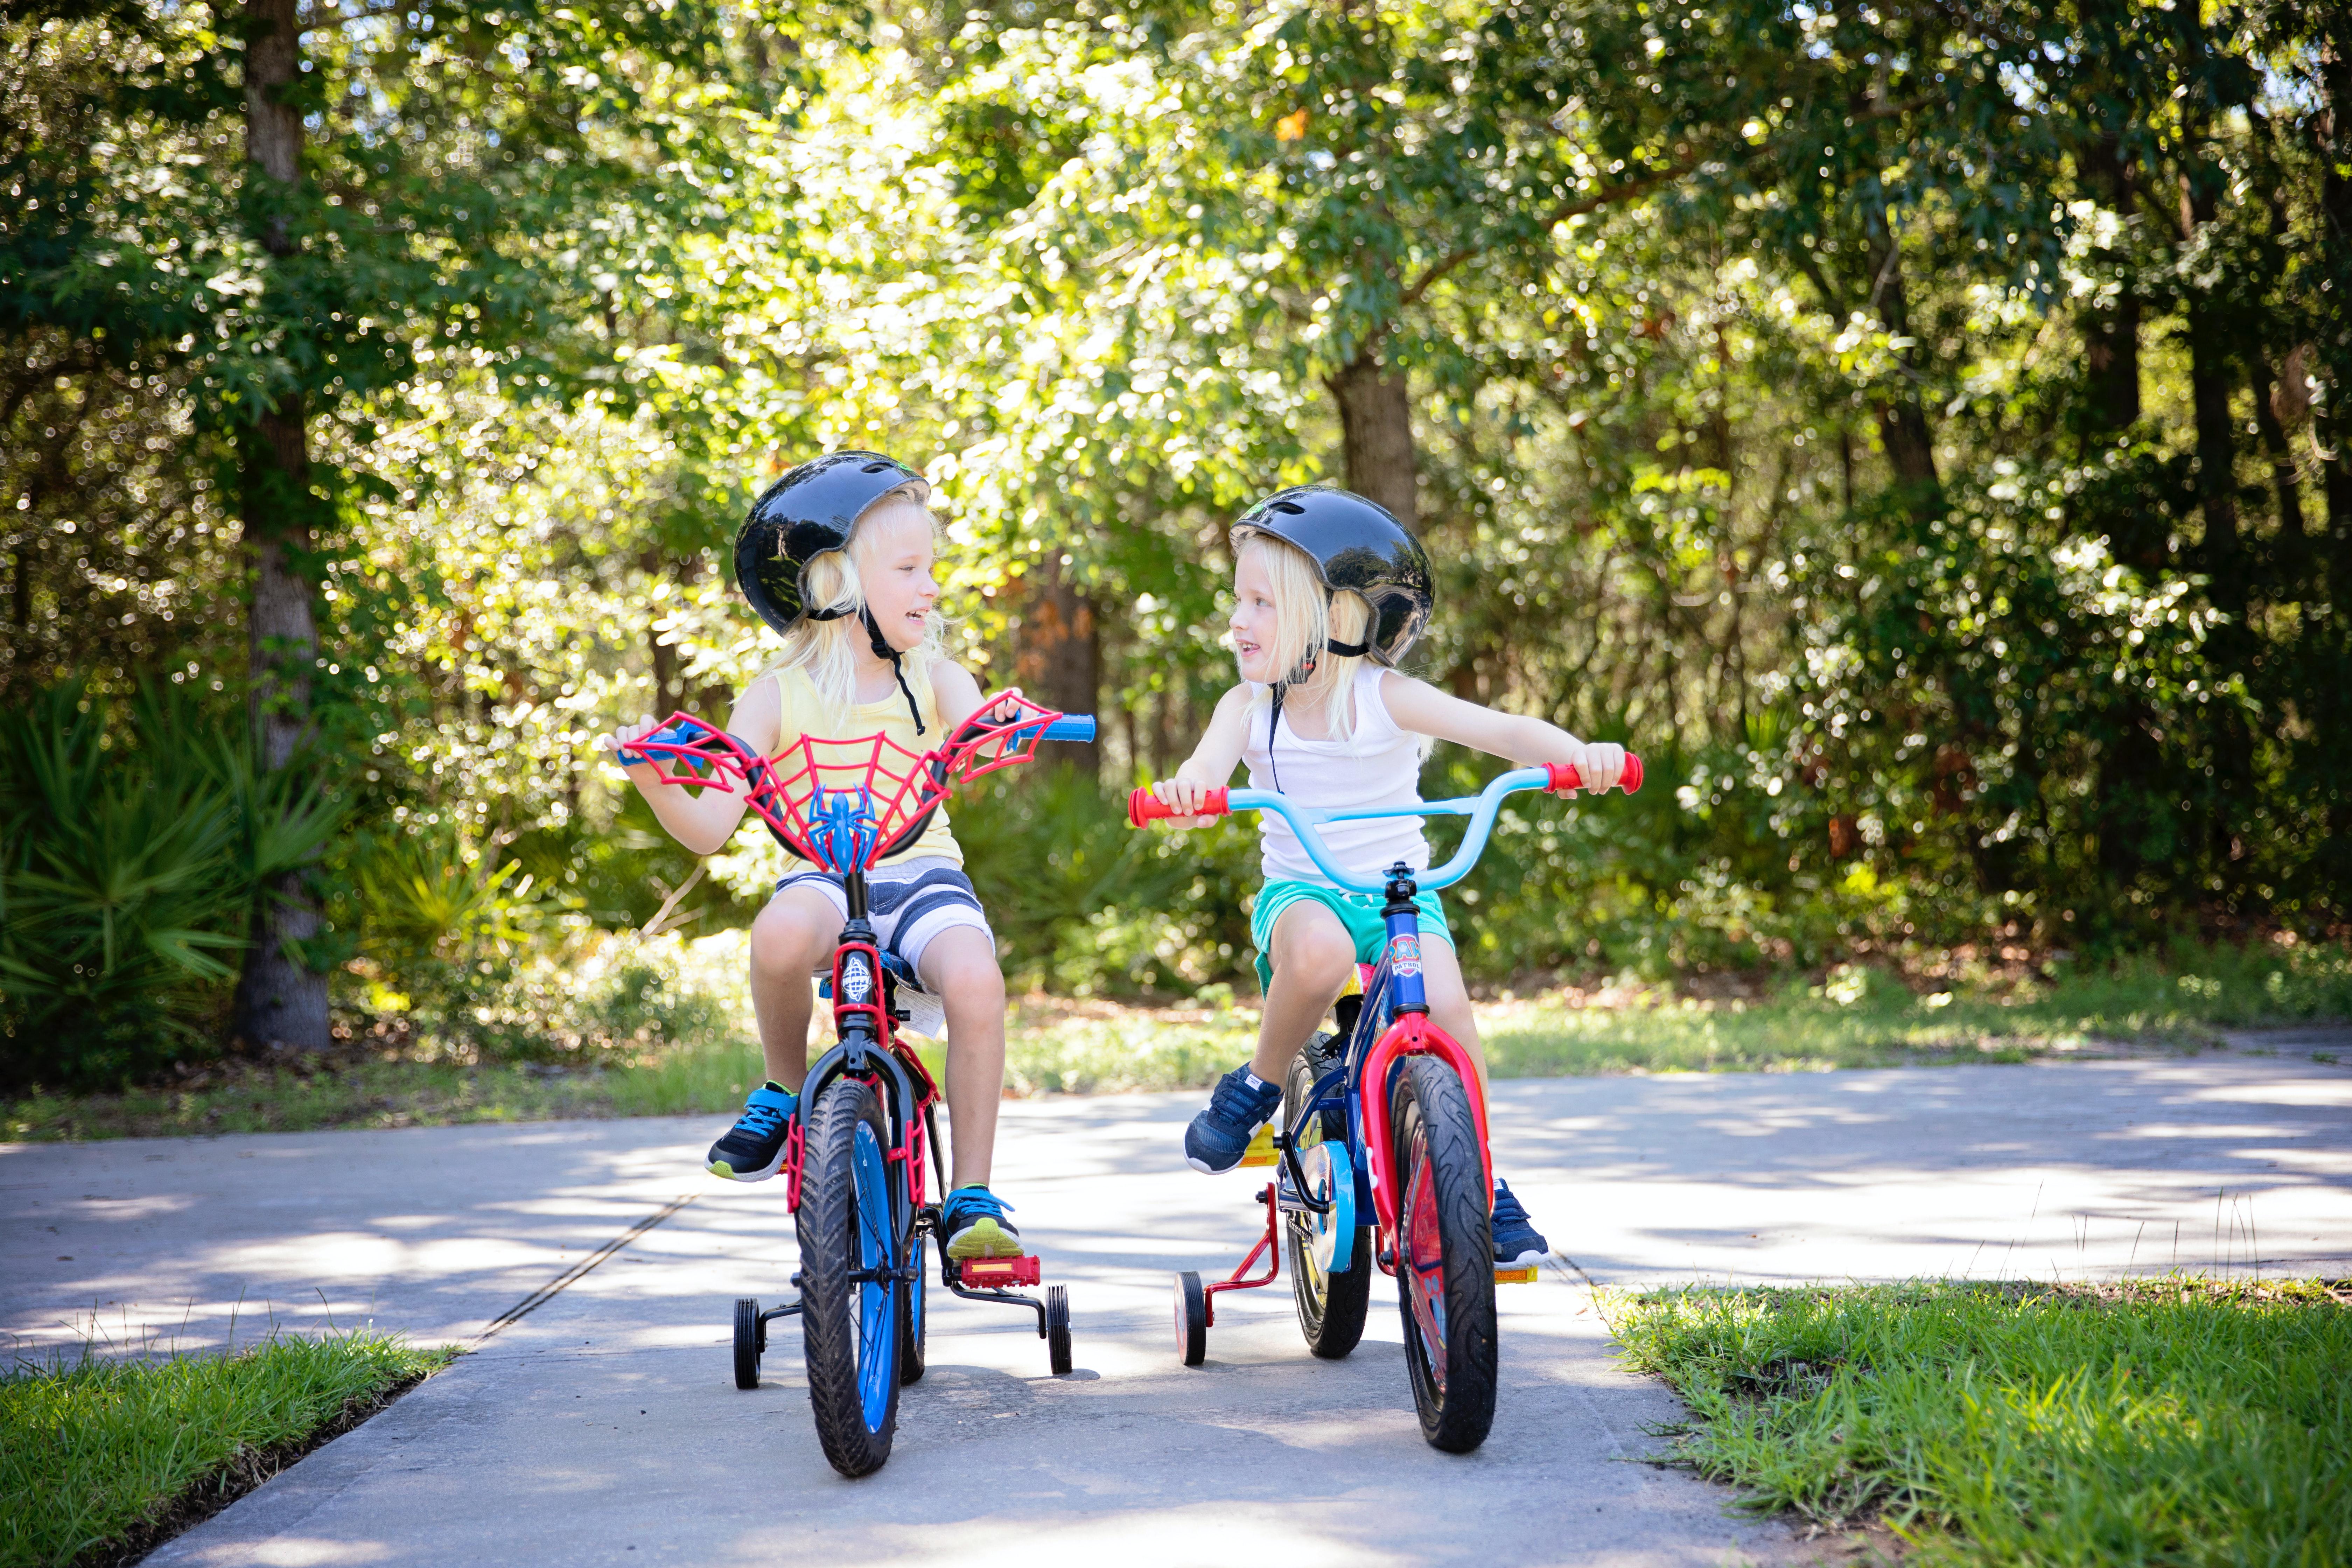 Accident în Voineasa. Să le punem copiilor cască pe cap când merg cu bicicleta!